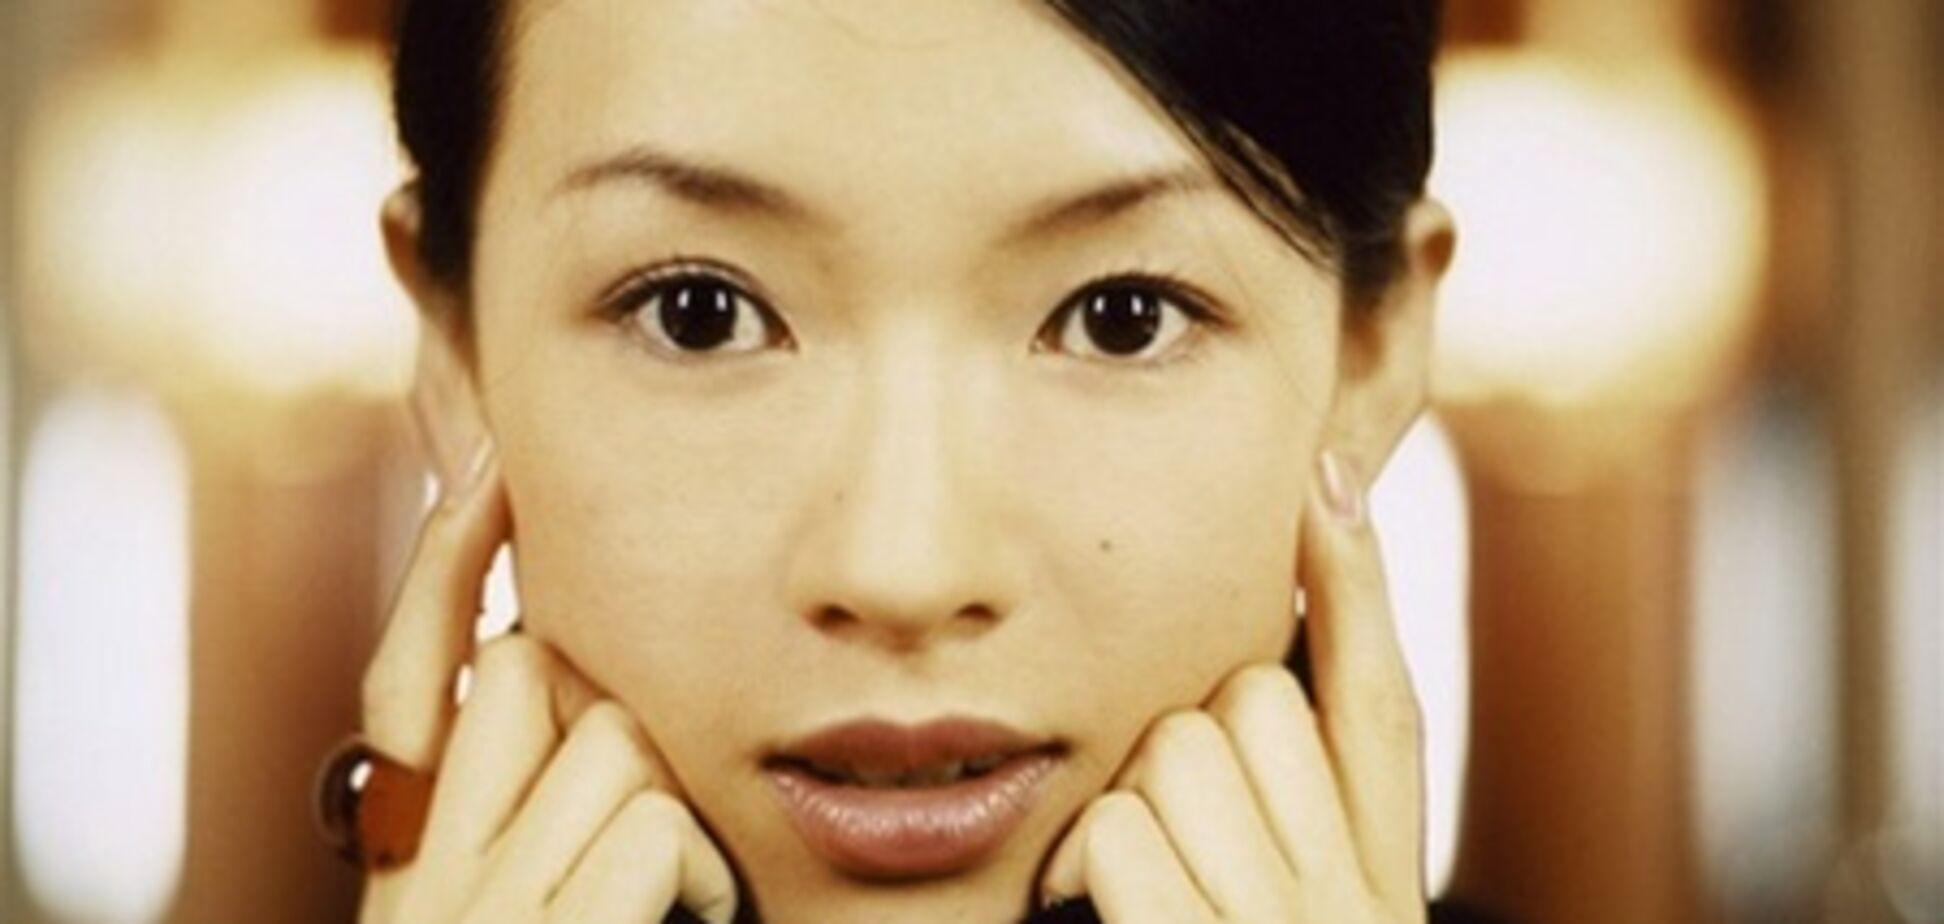 Чжан Цзыи: восточная красота без штукатурки и фотошопа